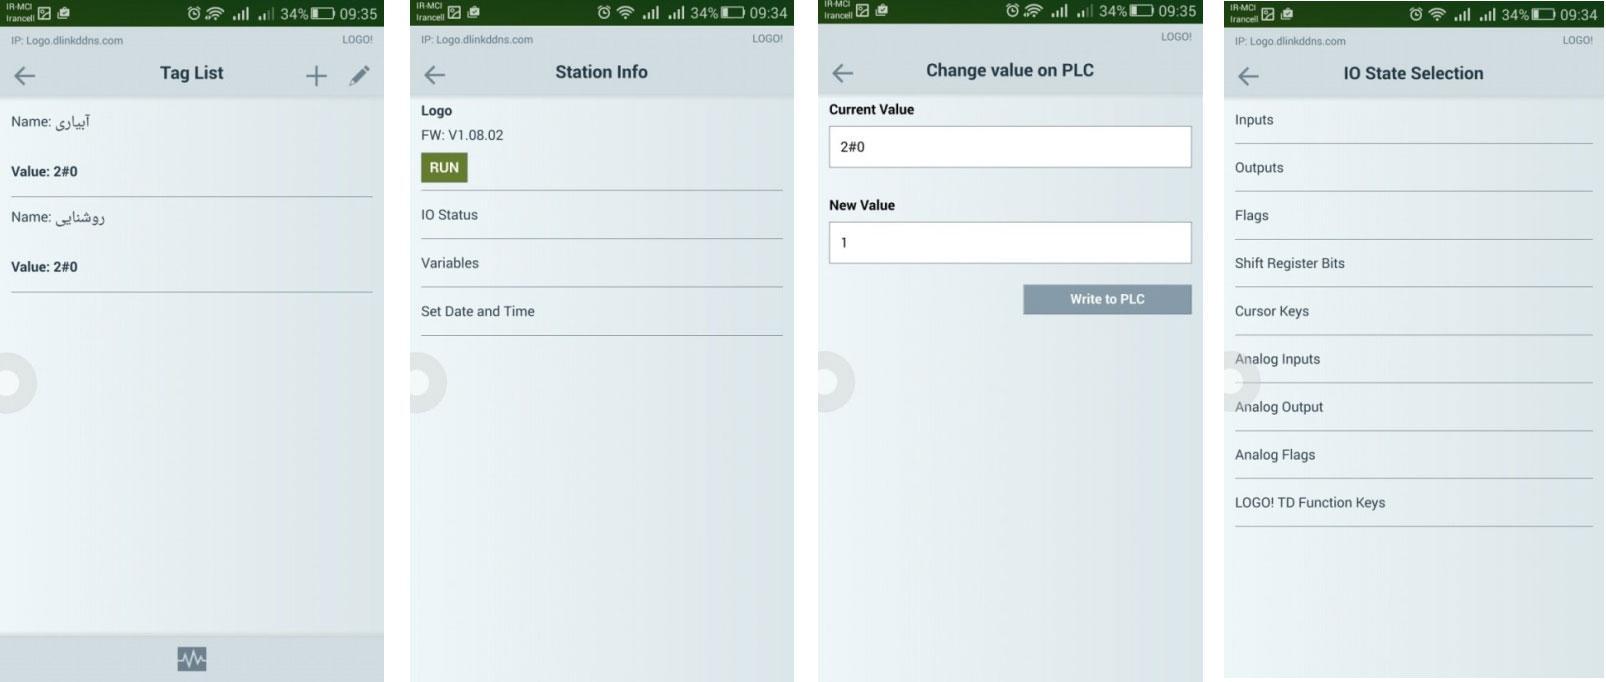 اپلیکیشن LOGO! App برای کنترل لوگو با WiFi